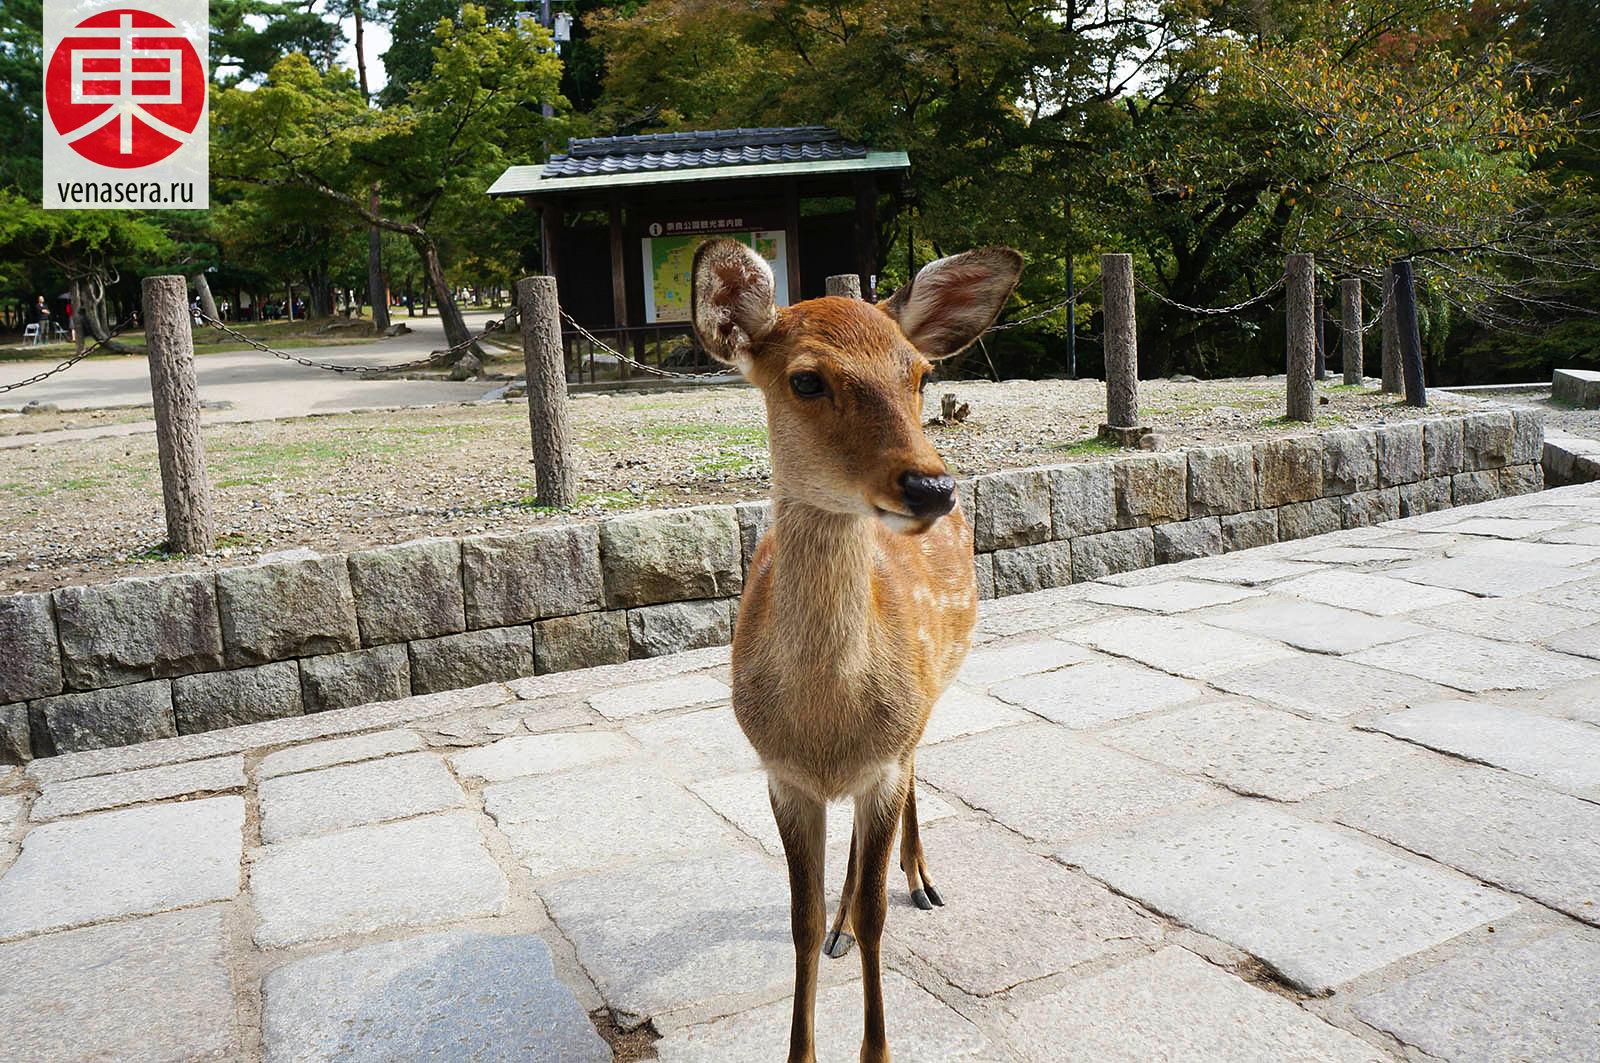 Путешествие в Нара, Поездка в Нара, Олени в г. Нара, Парк Нара, Нара, Nara, 奈良, Япония, Japan, 日本.